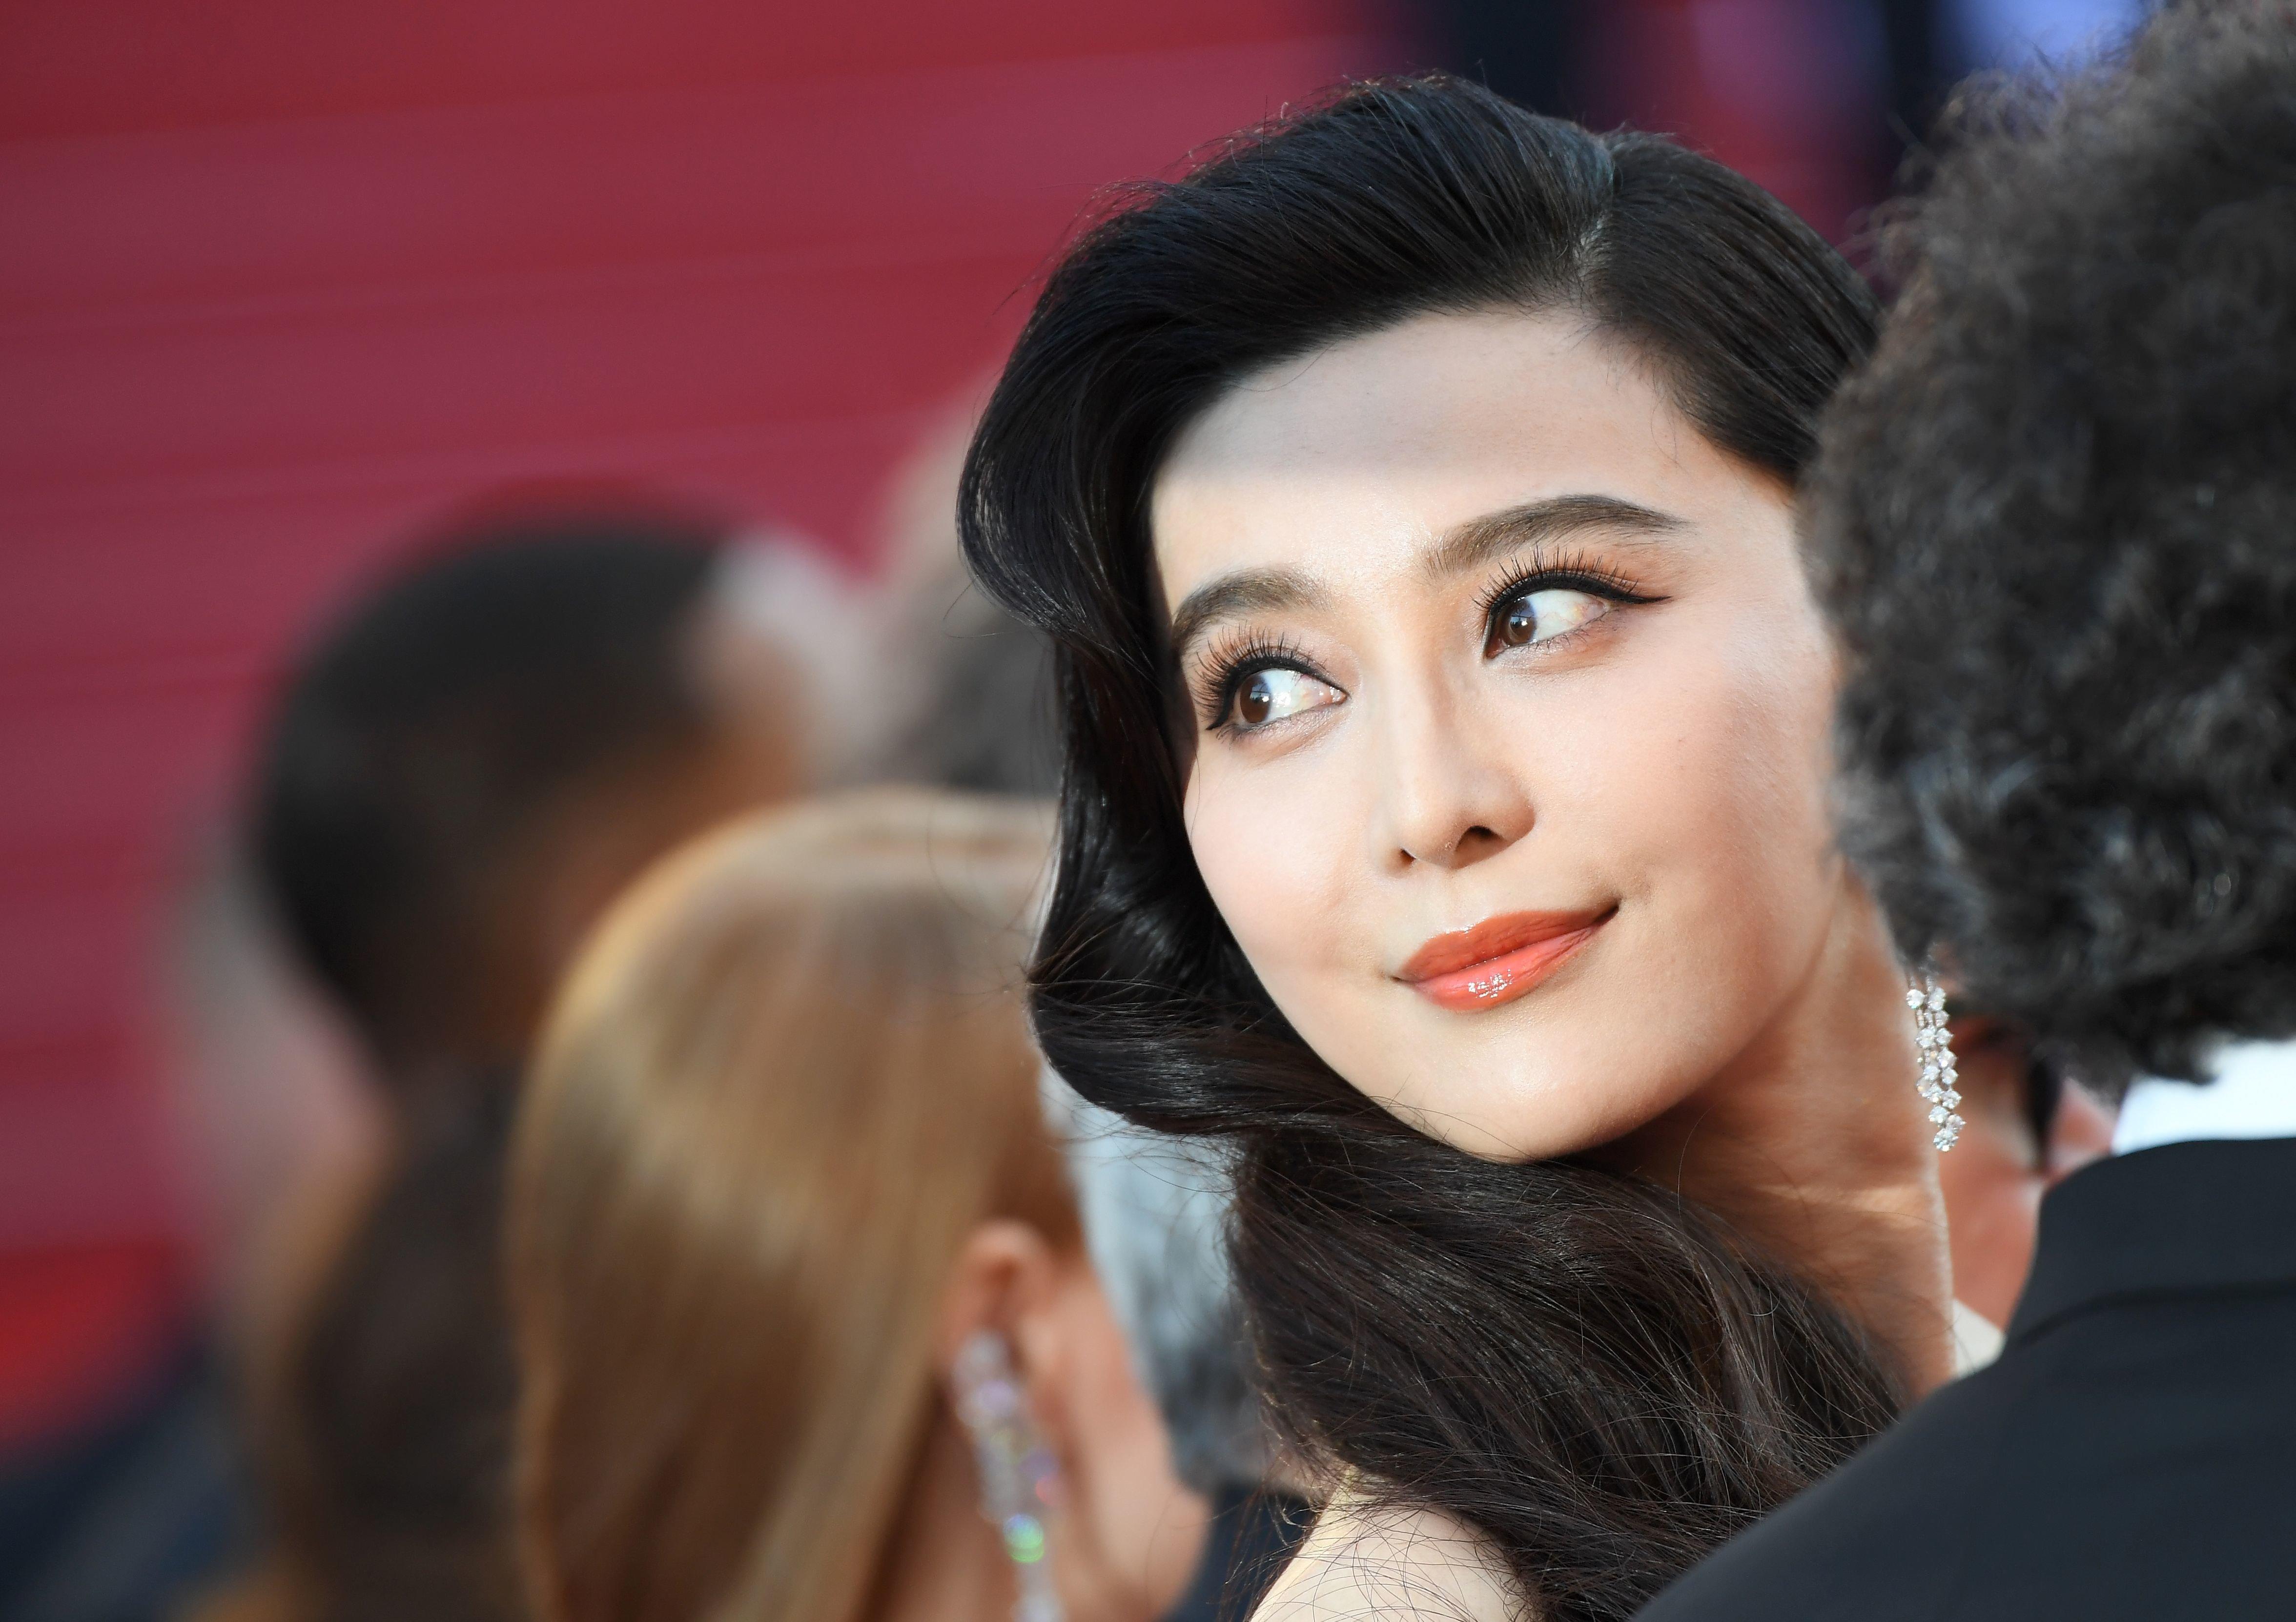 Η Fan Bingbing είναι η πιο διάσημη και ακριβοπληρωμένη ηθοποιός στην Κίνα. «Εξαφανίστηκε» σαν να μην υπήρξε ποτέ και τώρα όλο...